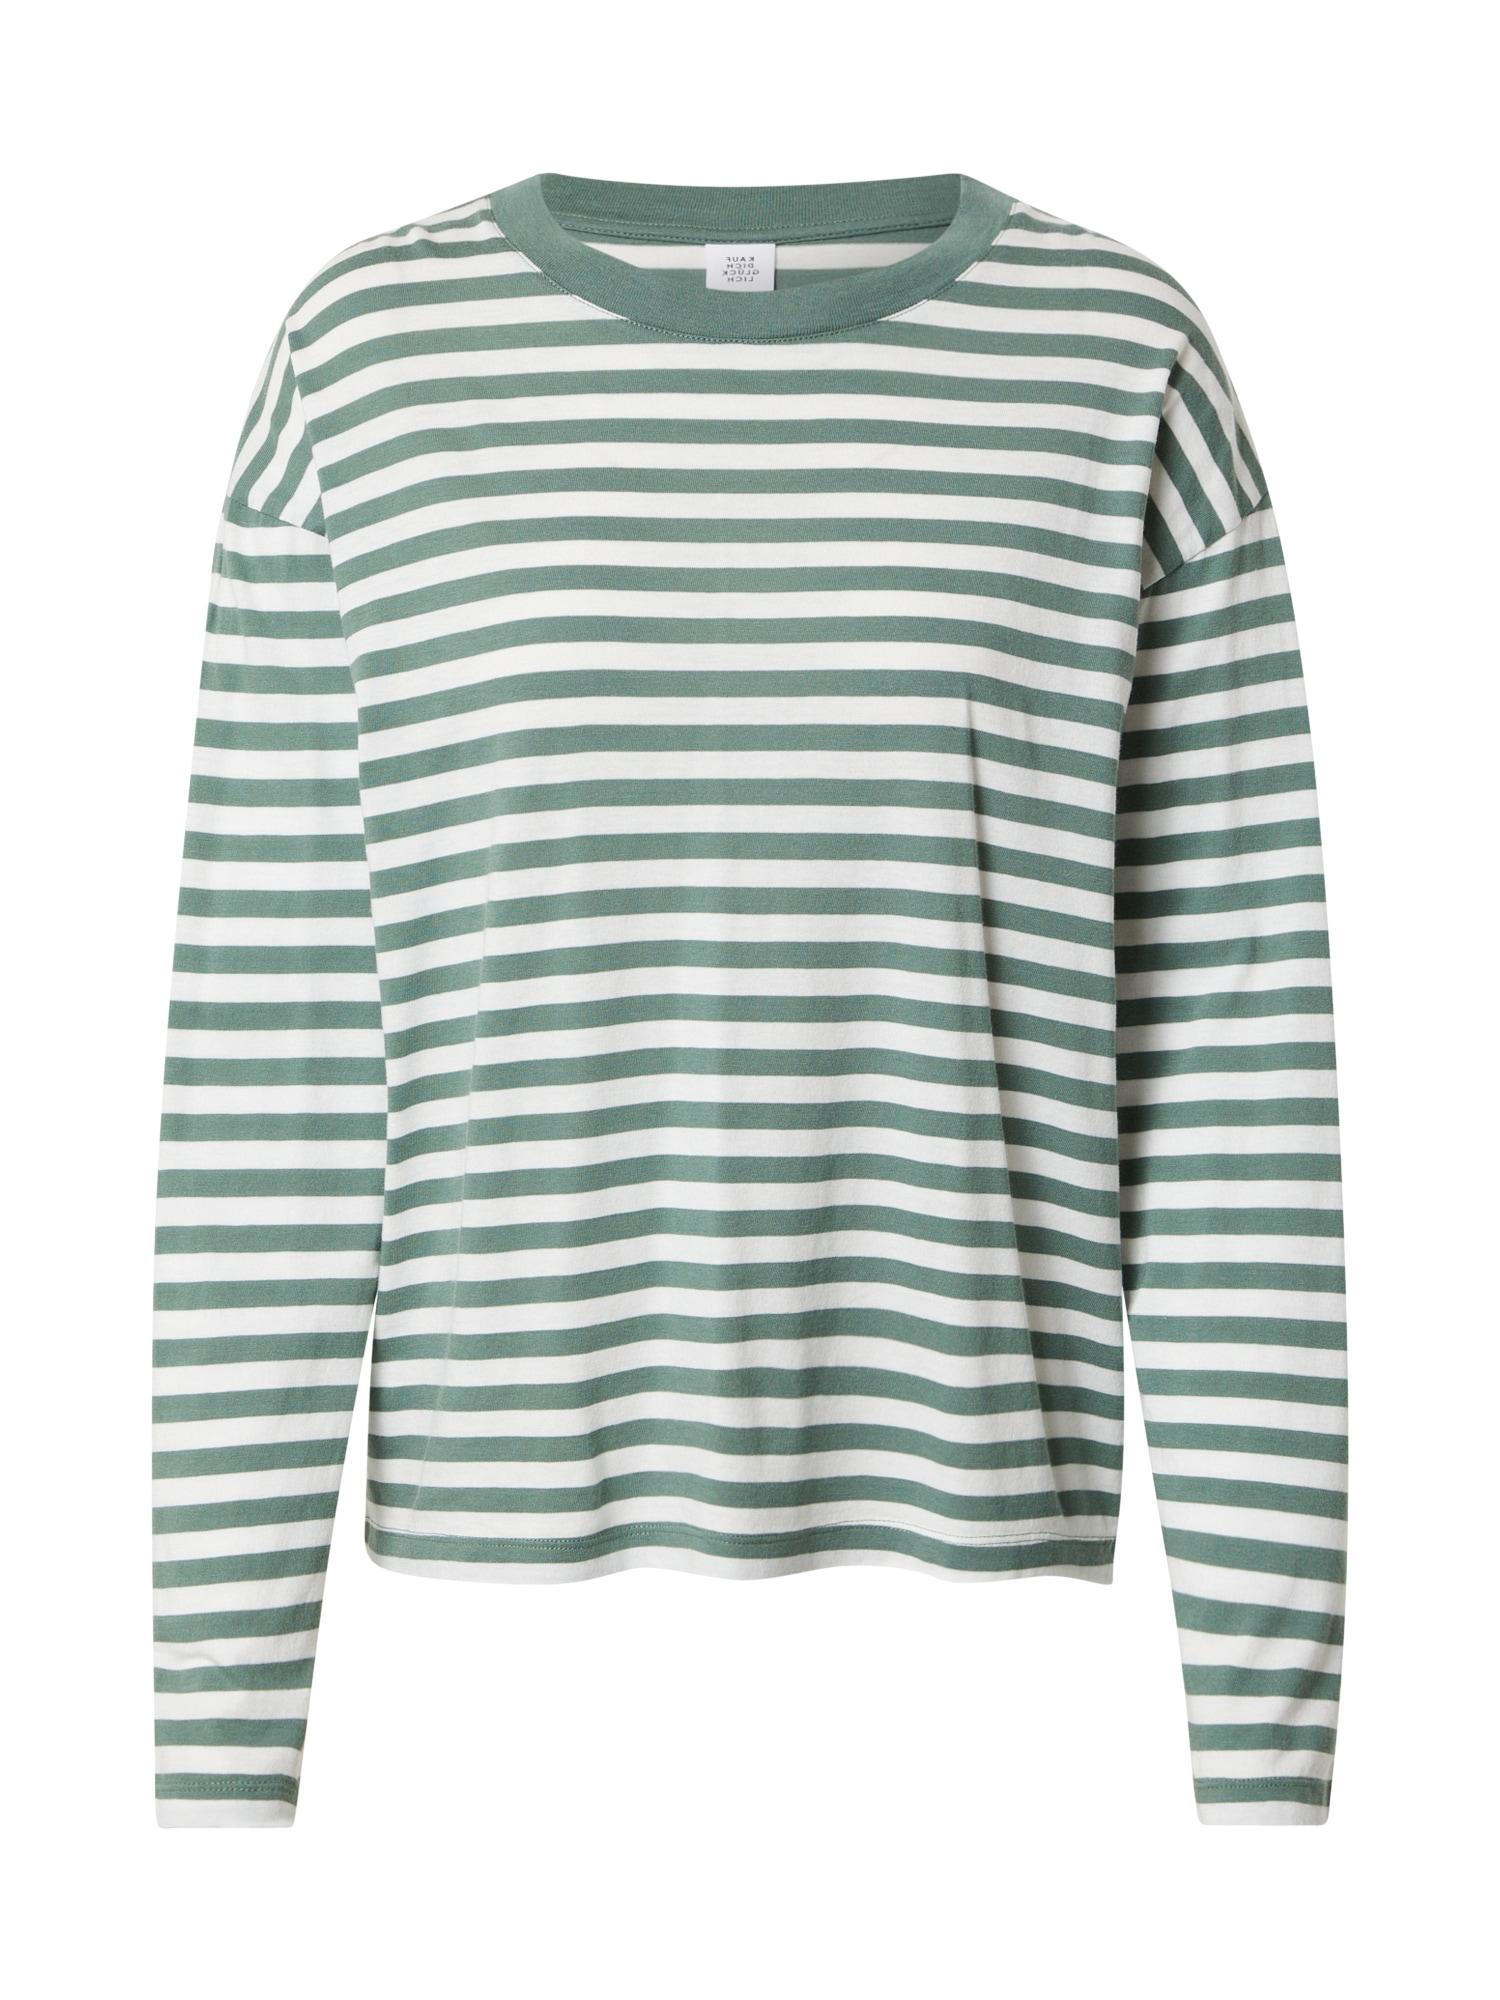 Kauf Dich Glücklich Marškinėliai žalia / balta